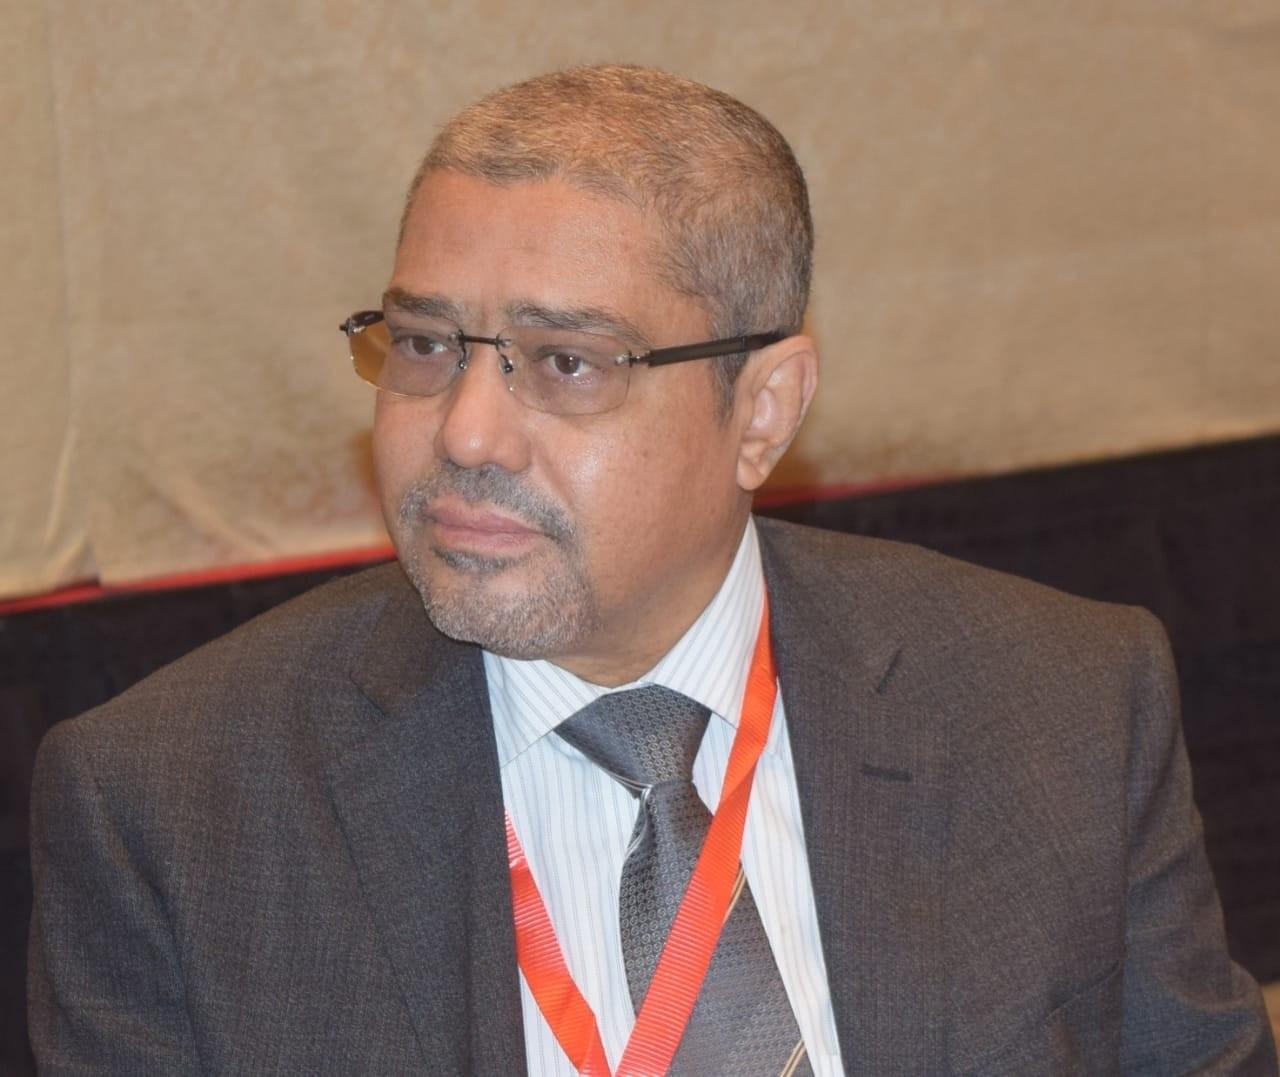 غرفة القاهرة تناقش آليات ضبط السوق.. والعربي: المتابعة اليومية مستمرة